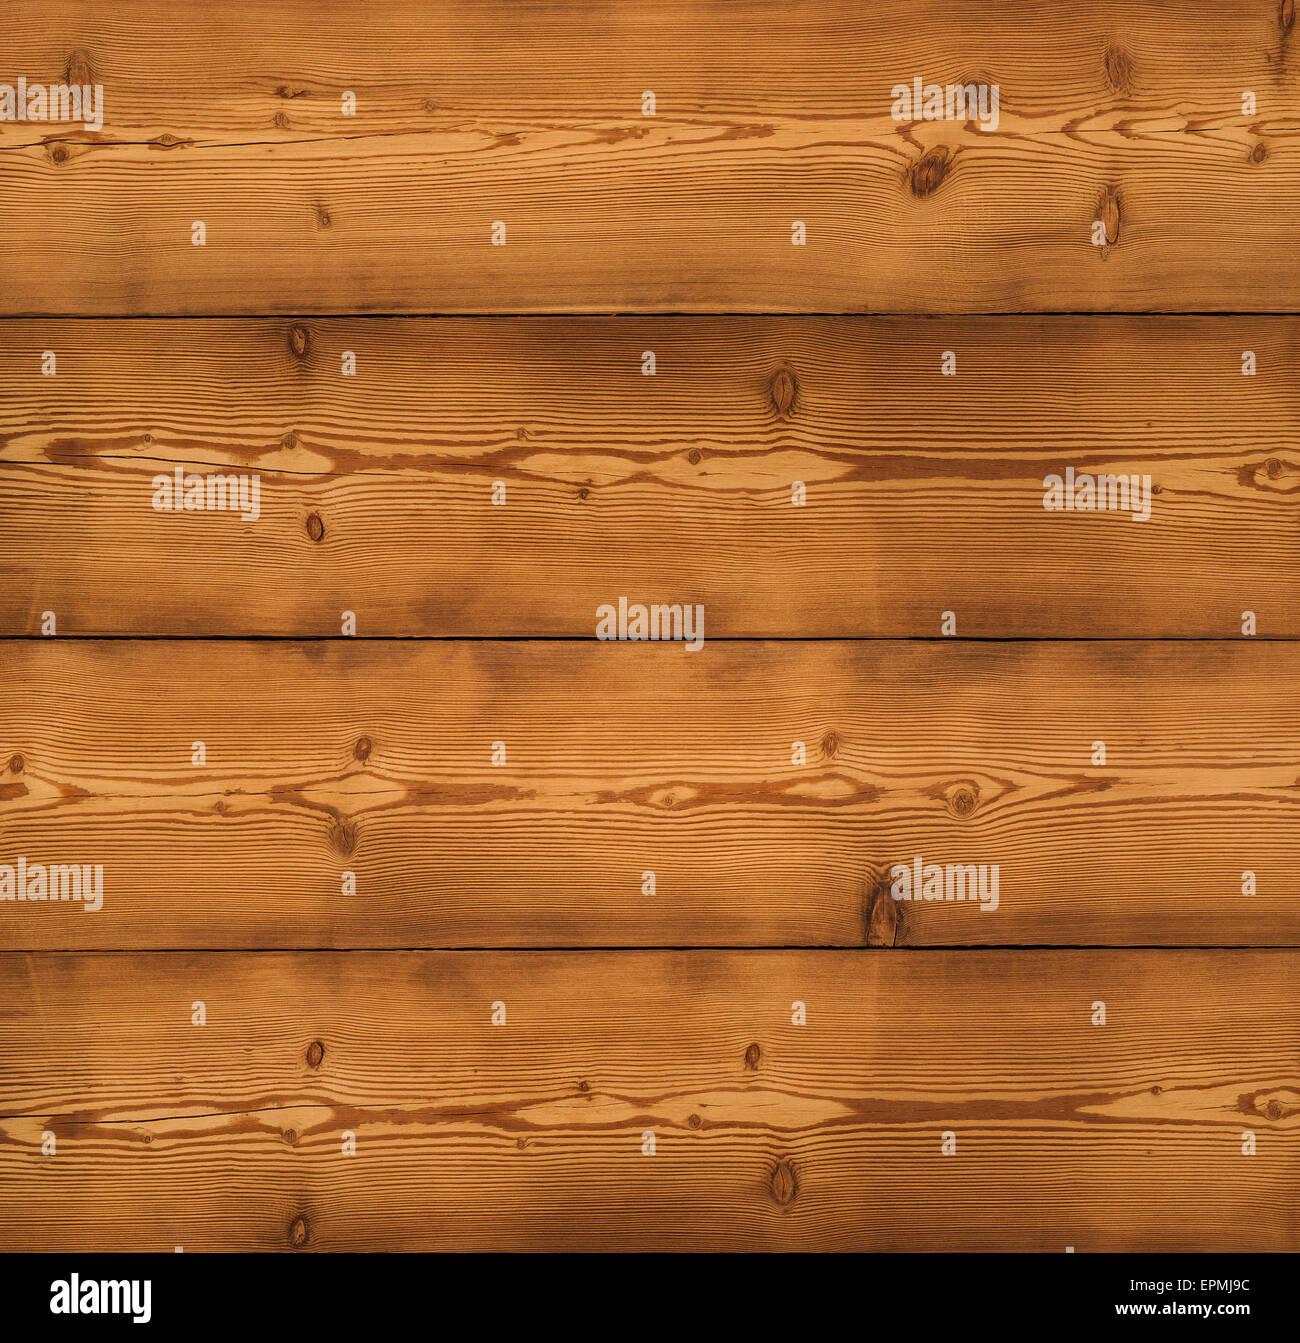 die braunen alten Holzstruktur mit Knoten Stockbild